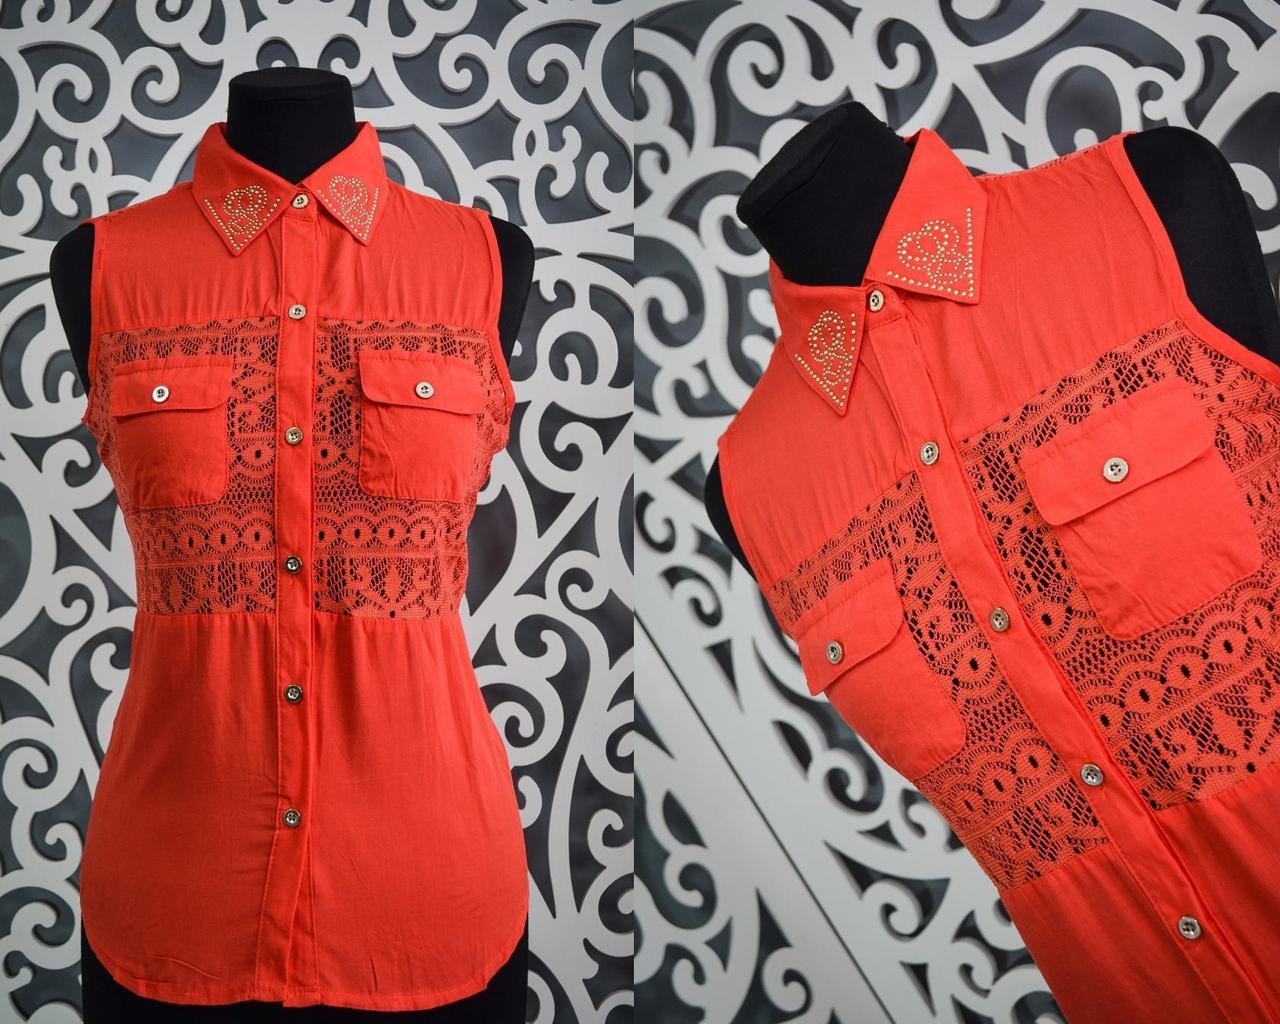 Милые женские блузки с открытыми плечами 44, 46, 48 размер норма